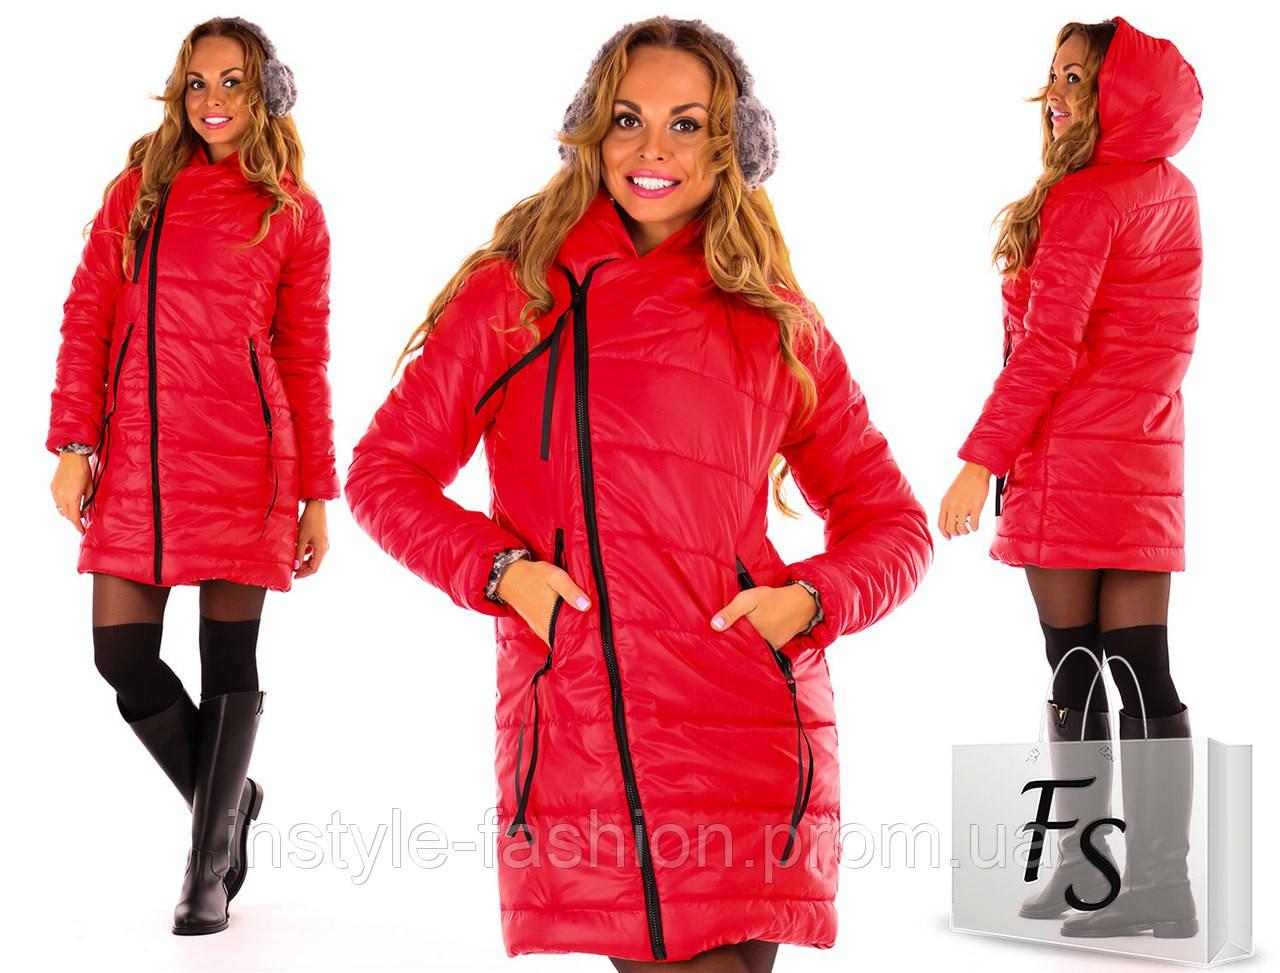 Теплая курточка на синтепоне ткань плащевка цвет красный